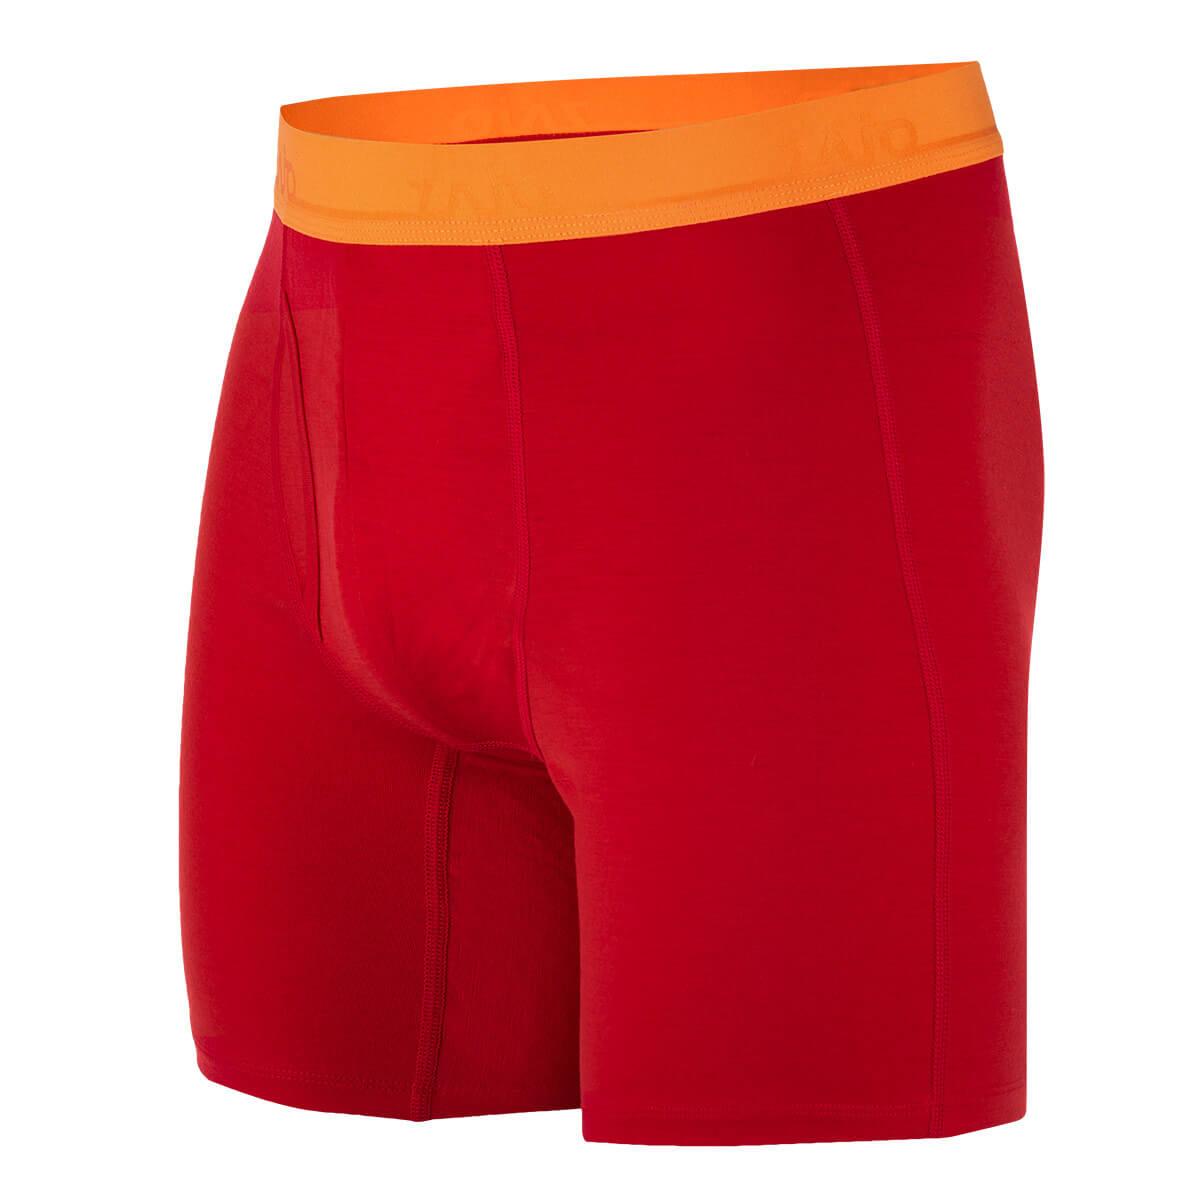 Pánske spodné prádlo Zajo Bjorn Merino Nylon Shorts Racing Red - veľkosť S